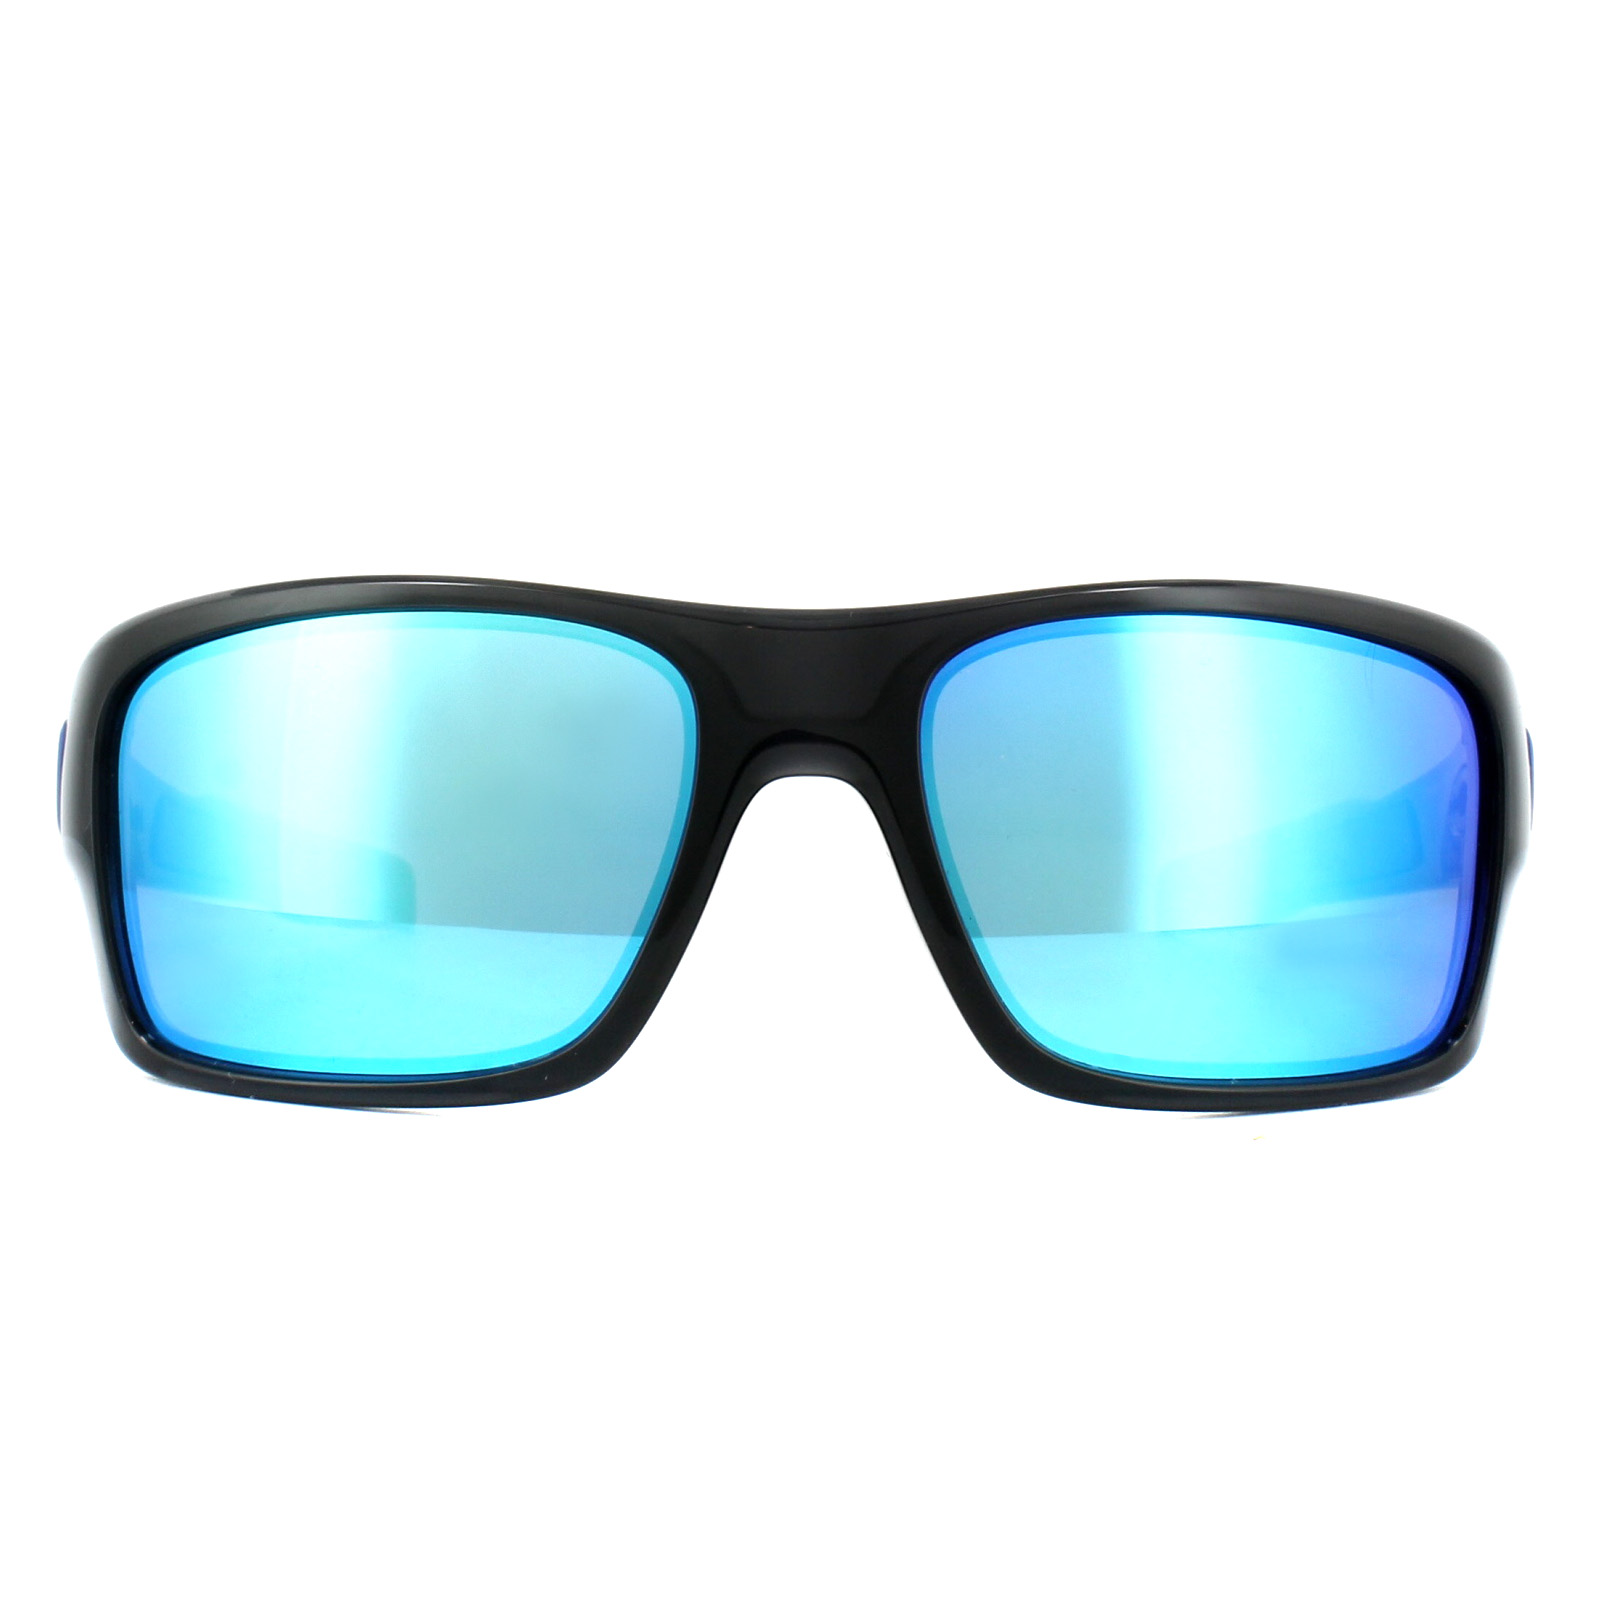 91a6d01f6b Sentinel Oakley Sunglasses Turbine XS Youth Fit OJ9003-03 Black Ink  Sapphire Iridium